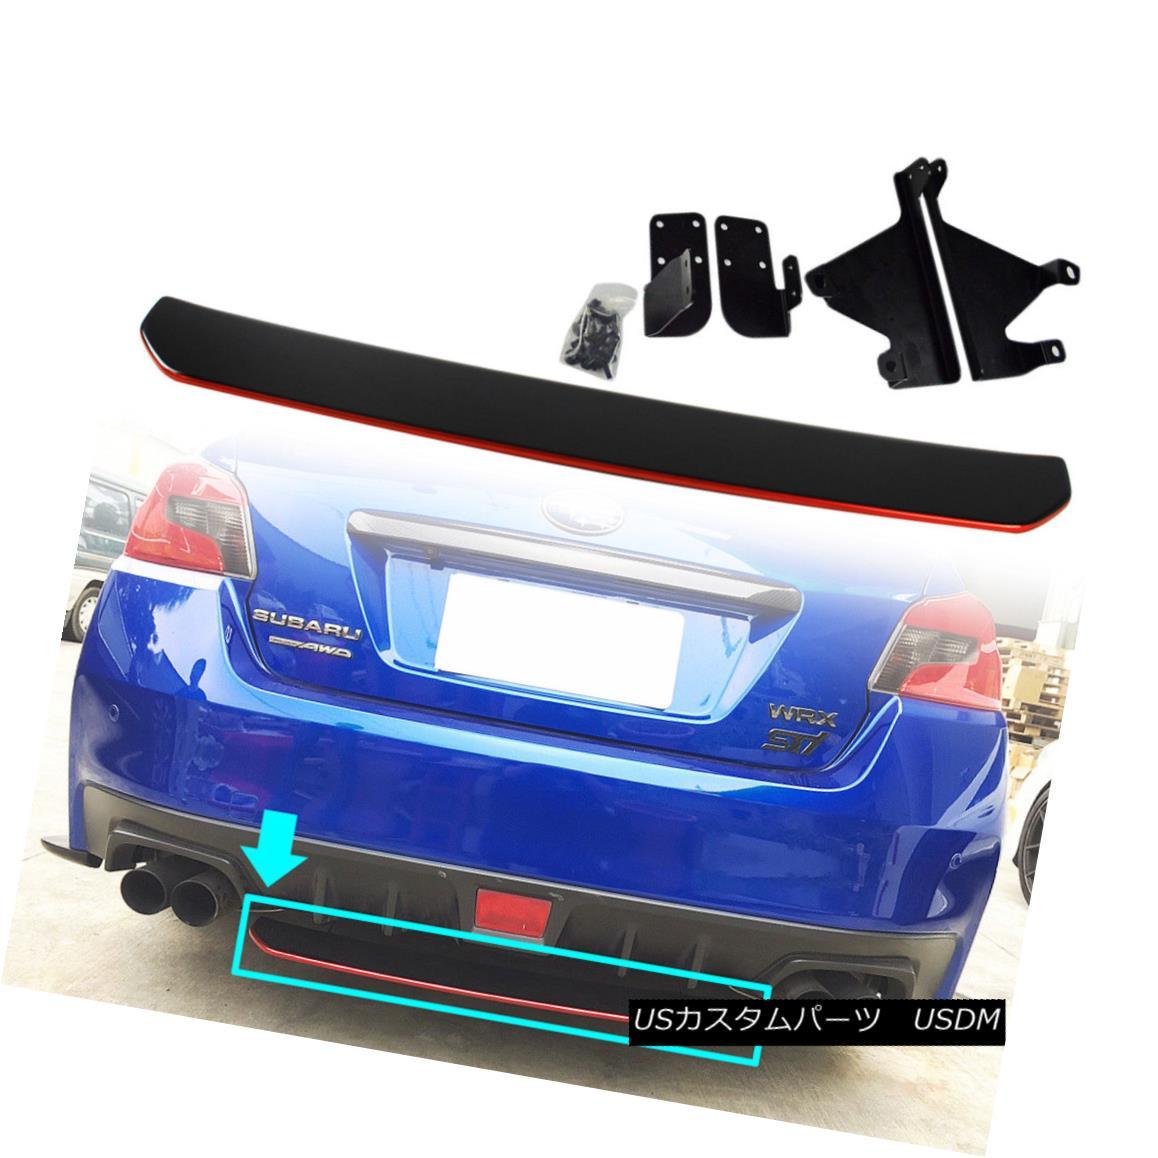 エアロパーツ Paint Black & Red Line For Subaru WRX 2018 Rear Under Lip Spoiler Wing ABS ペイントブラック& レッドラインSubaru WRX 2018リアアンダーリップスポイラーウィングABS